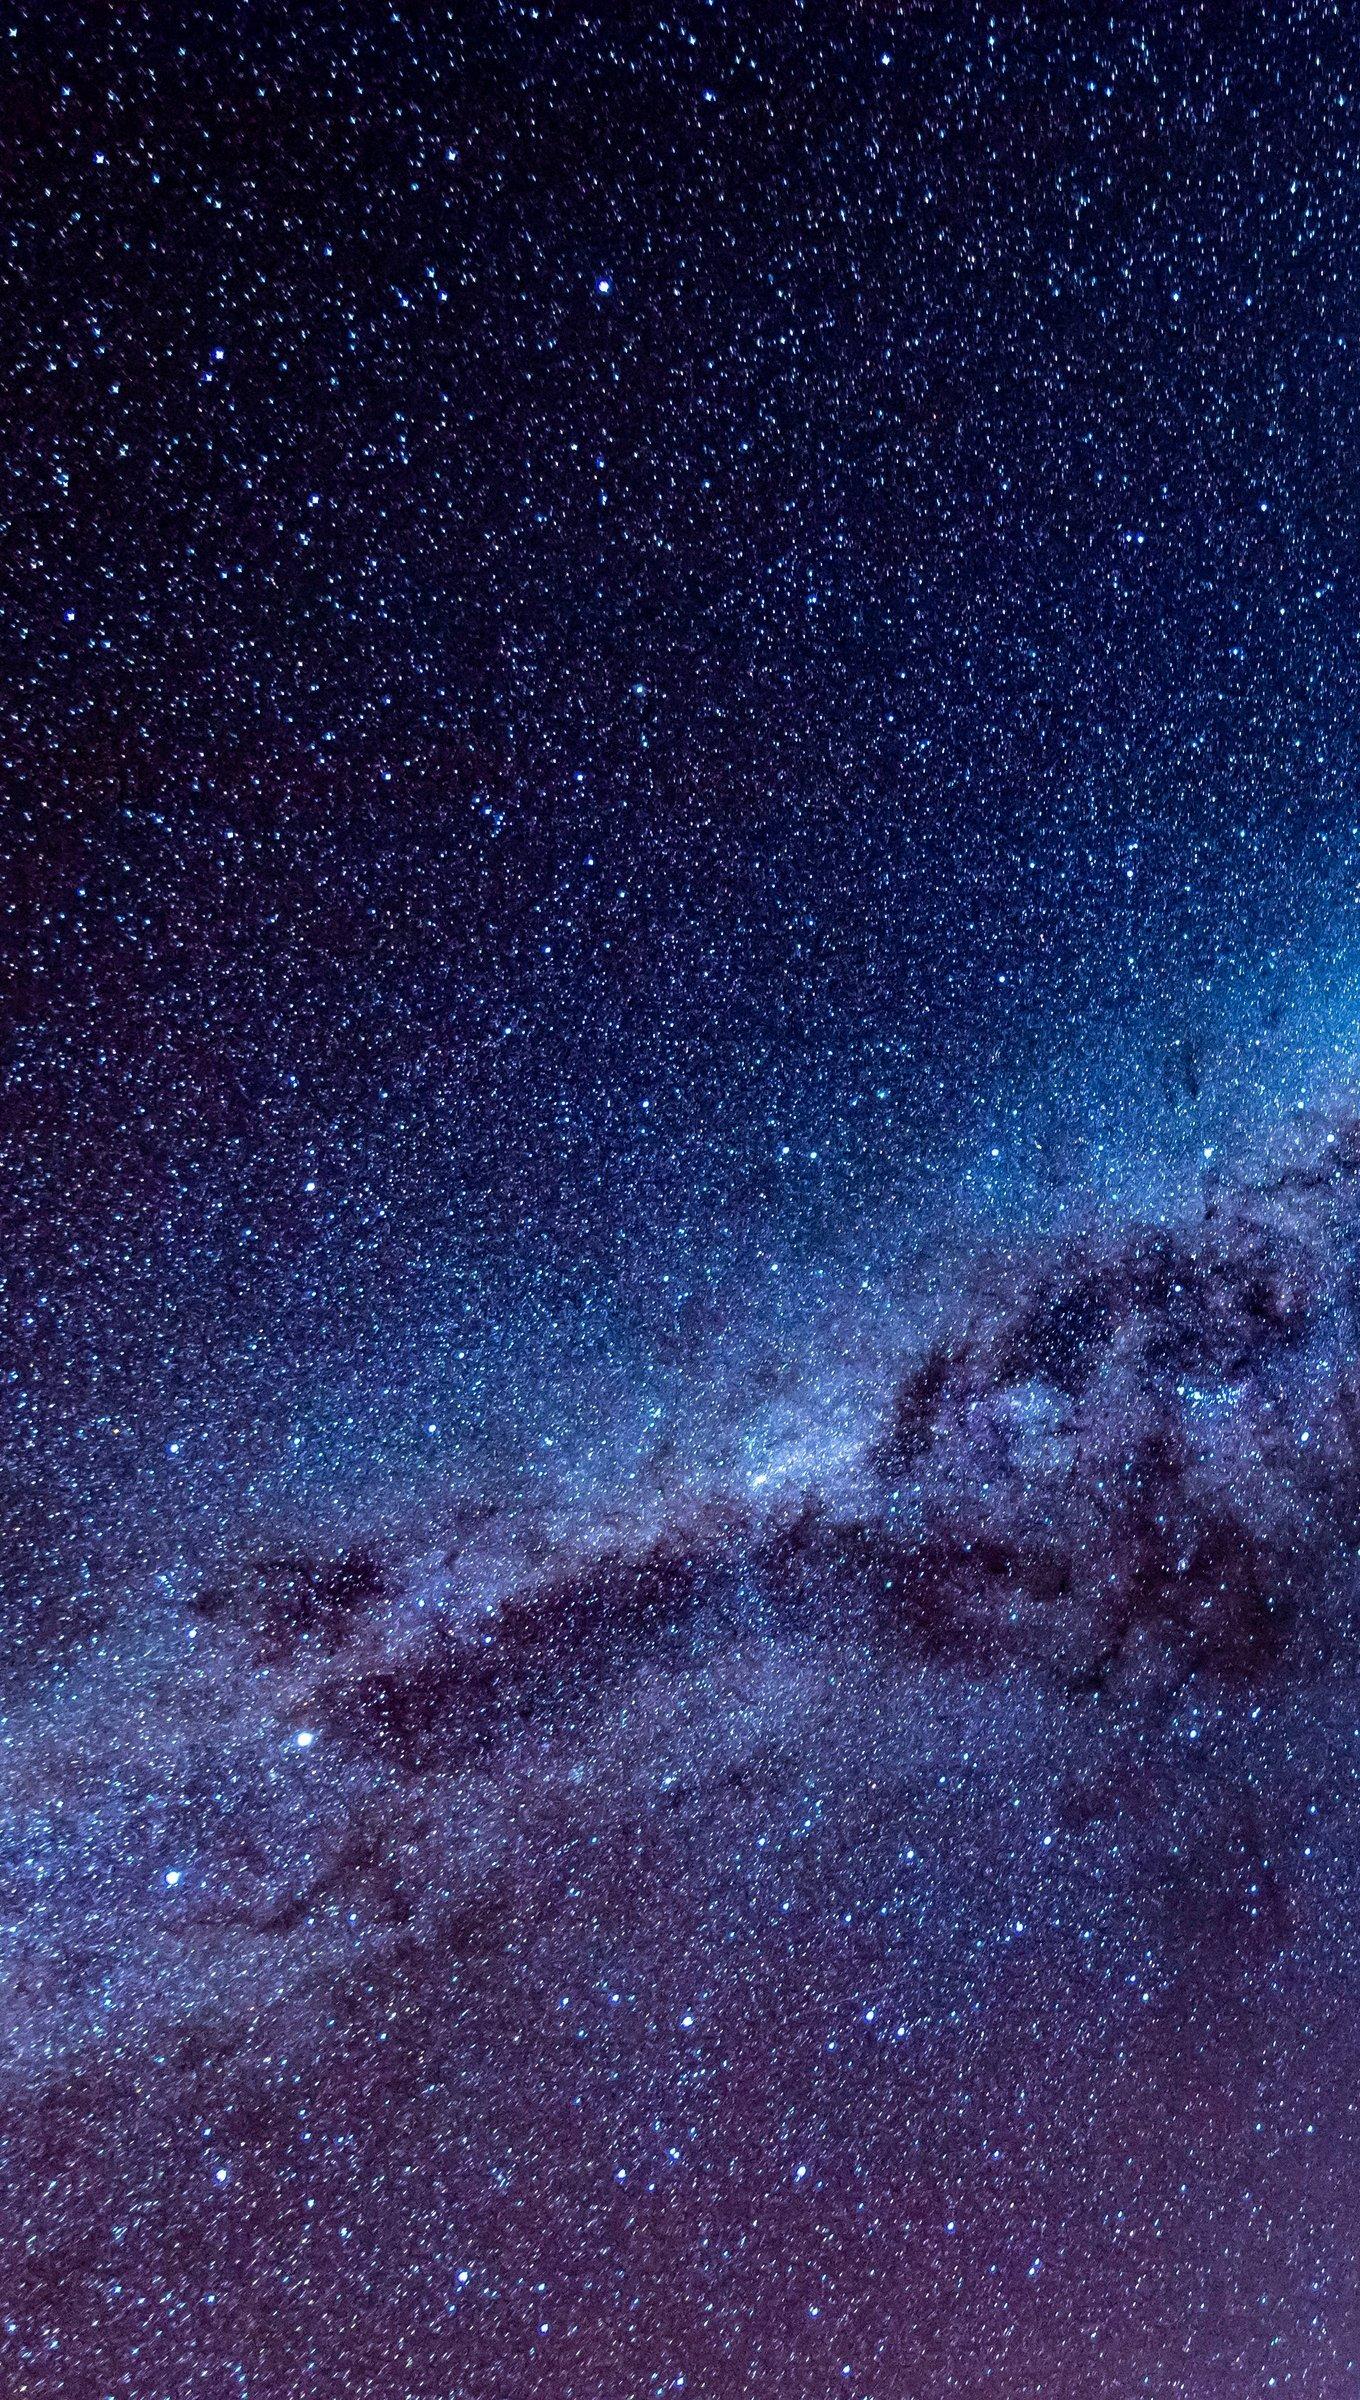 Fondos de pantalla Estrellas de la Vía láctea Vertical